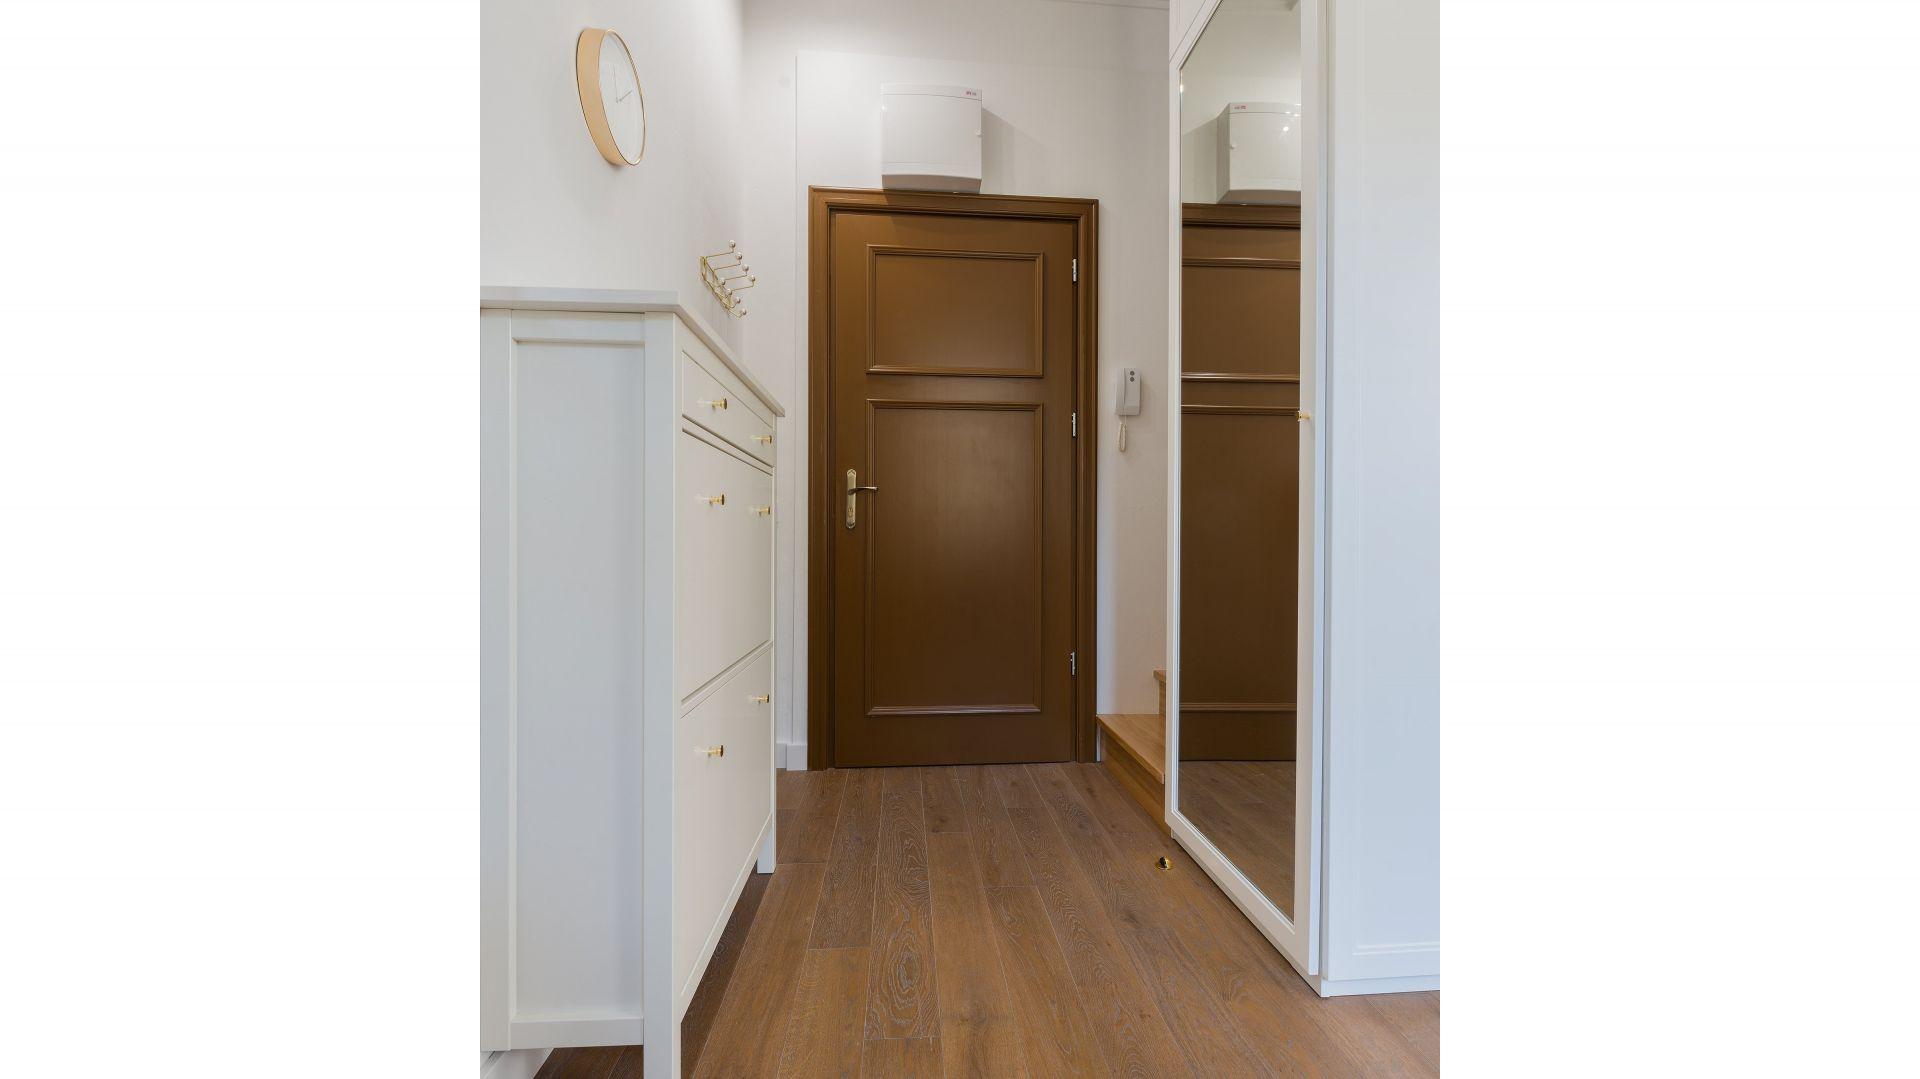 Mieszkanie w przedwojennej, zrewitalizowanej kamienicy na warszawskiej Pradze to unikalne, zaprojektowane przez architekta, studio z antresolą, łączące w sobie nowoczesną funkcjonalność i niezwykłą historię. Fot. Paweł Martyniuk